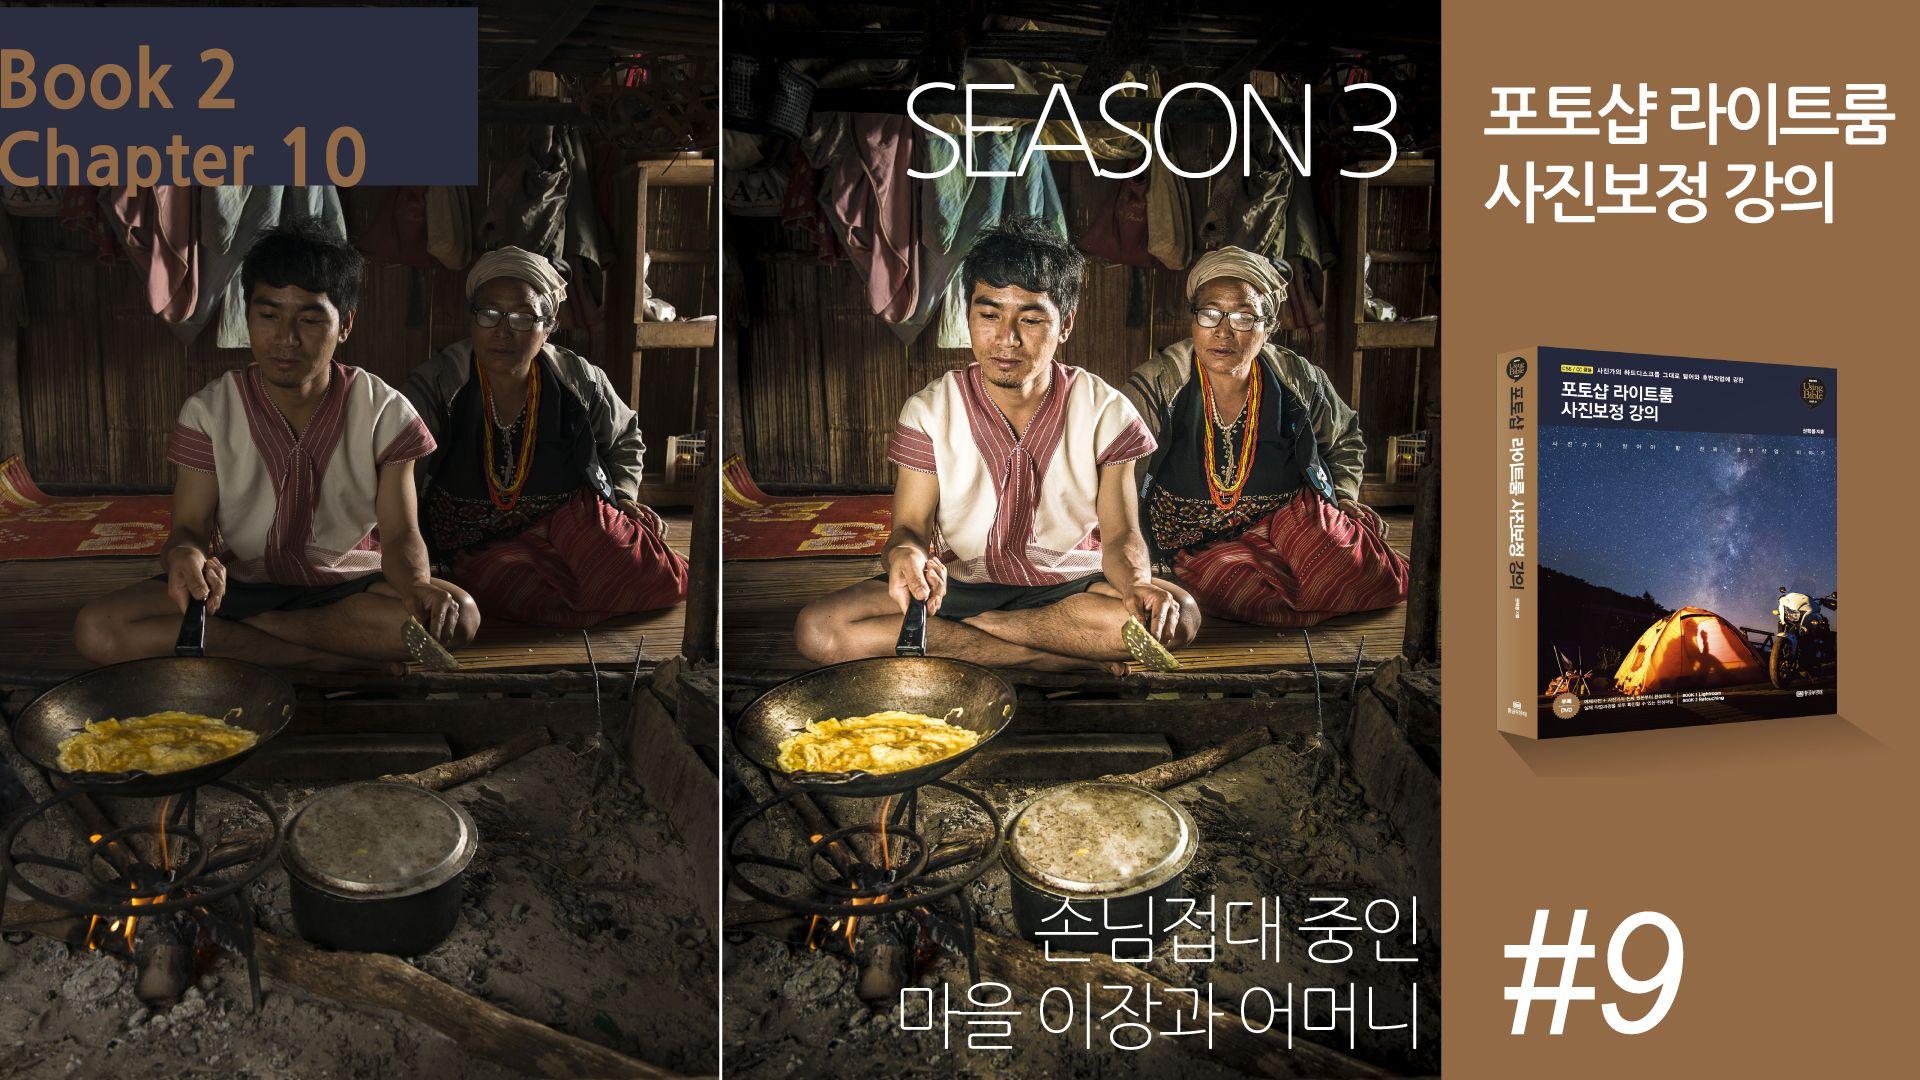 시즌3 포토샵 라이트룸 사진보정 강의 #9 Book 2, Chapter 10 손님 접대중인 마을 이장과 어머니